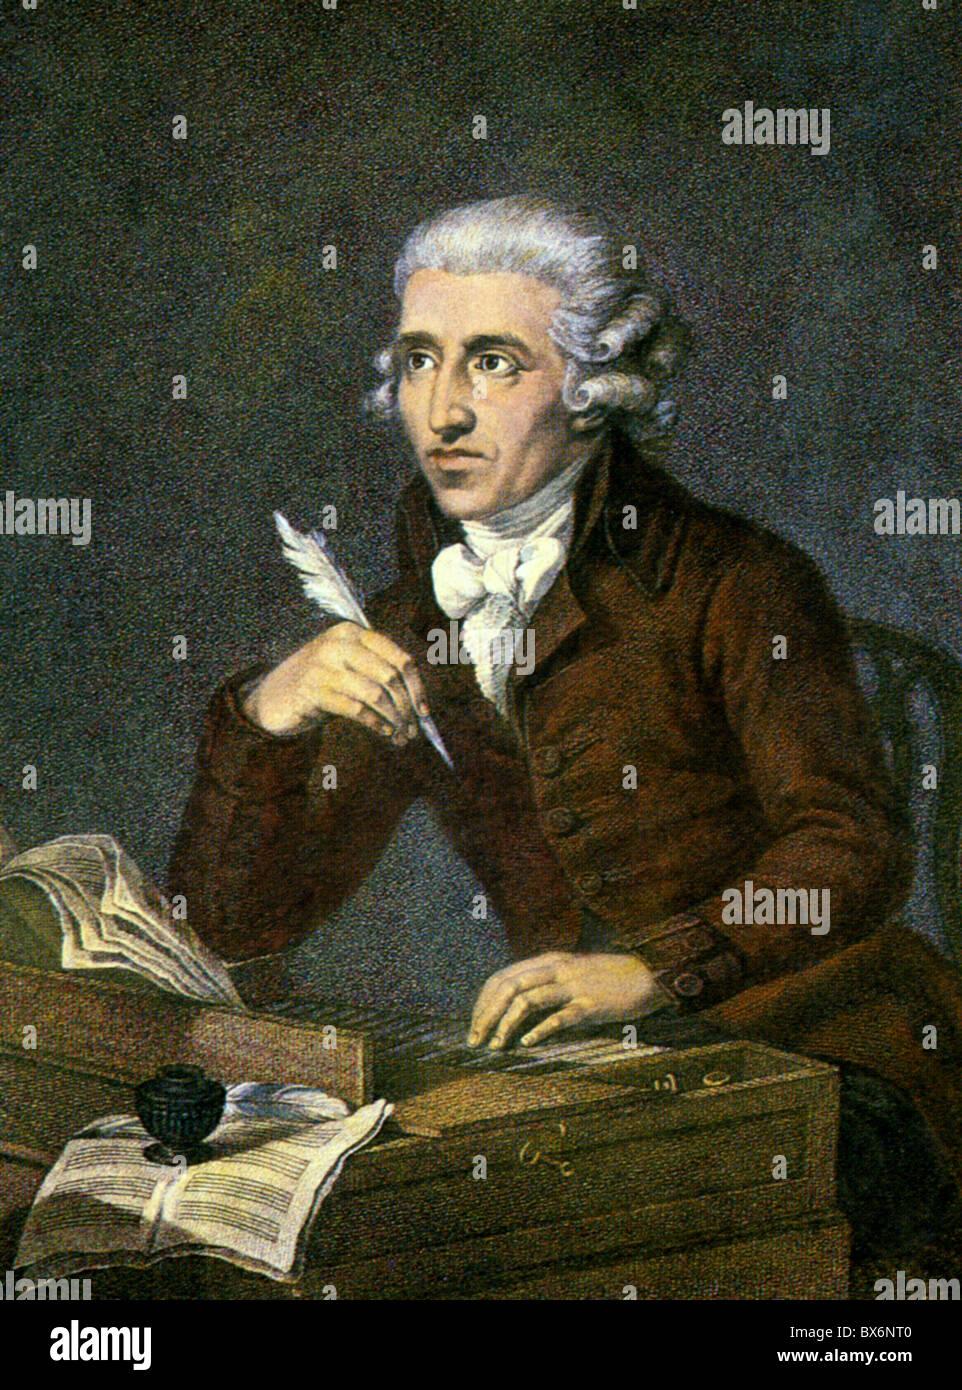 Haydn, Joseph, 31.3.1732 - 31.5.1809, compositore austriaco, a metà lunghezza, stampa dopo la pittura di Ludwig Foto Stock